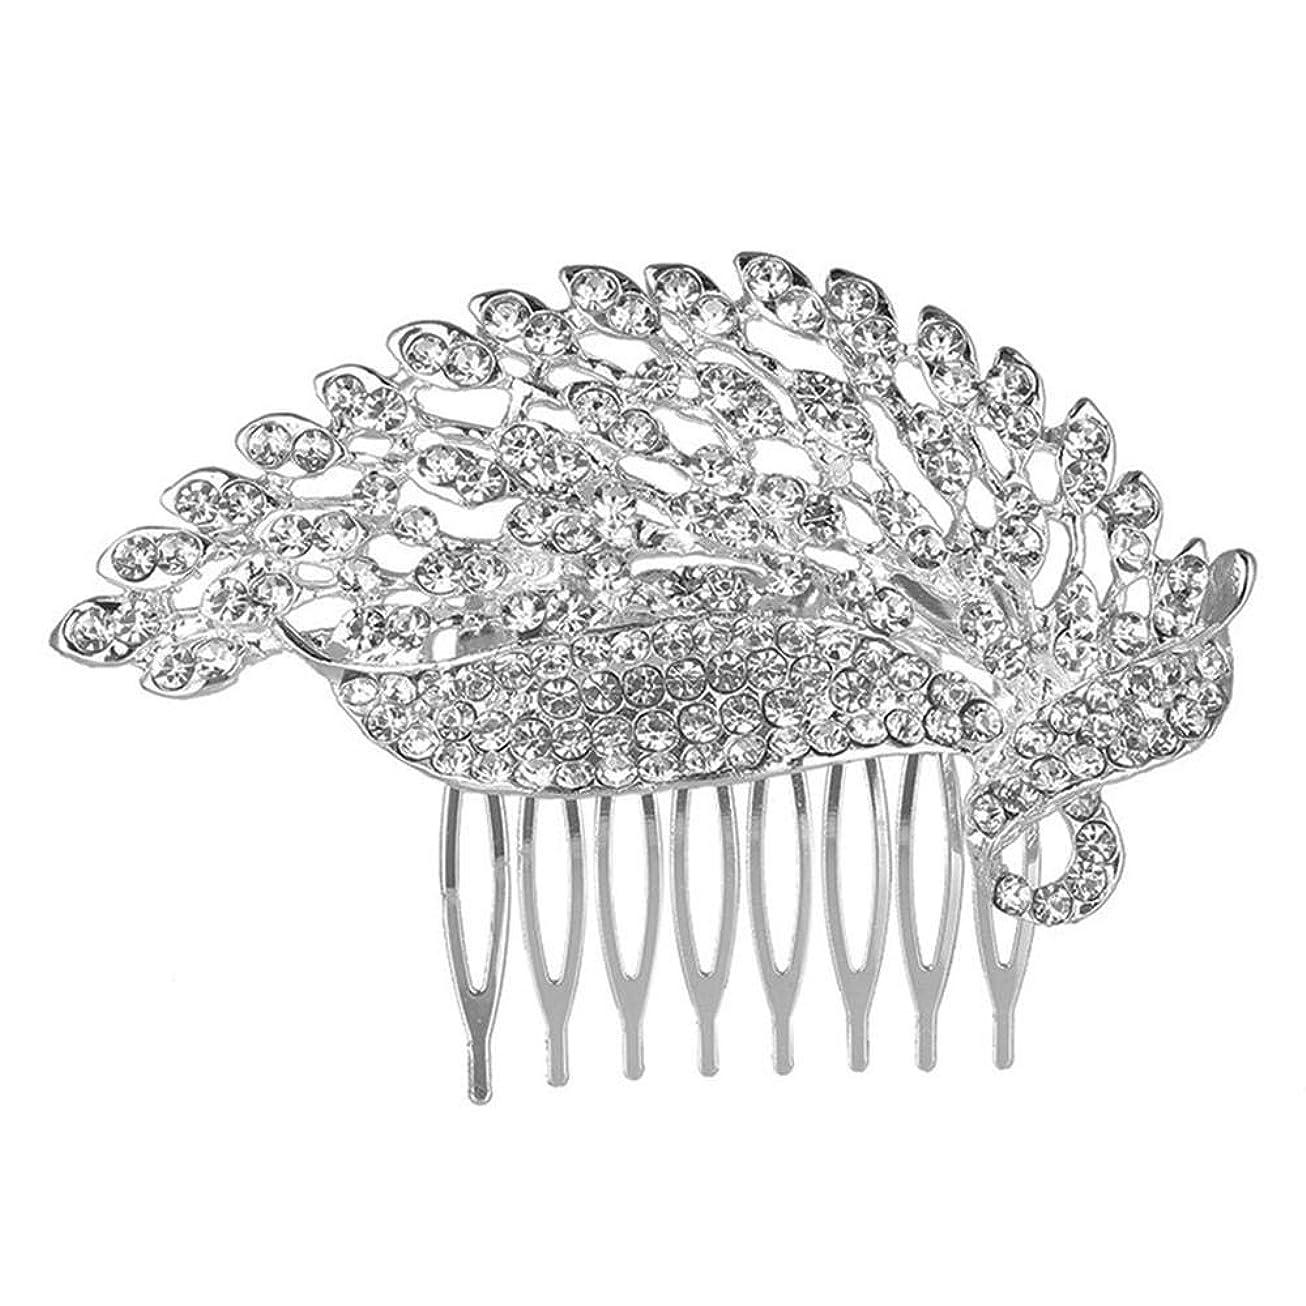 失速鳩良心的髪の櫛の櫛の櫛の花嫁の櫛の櫛の櫛の花嫁の頭飾りの結婚式のアクセサリー合金